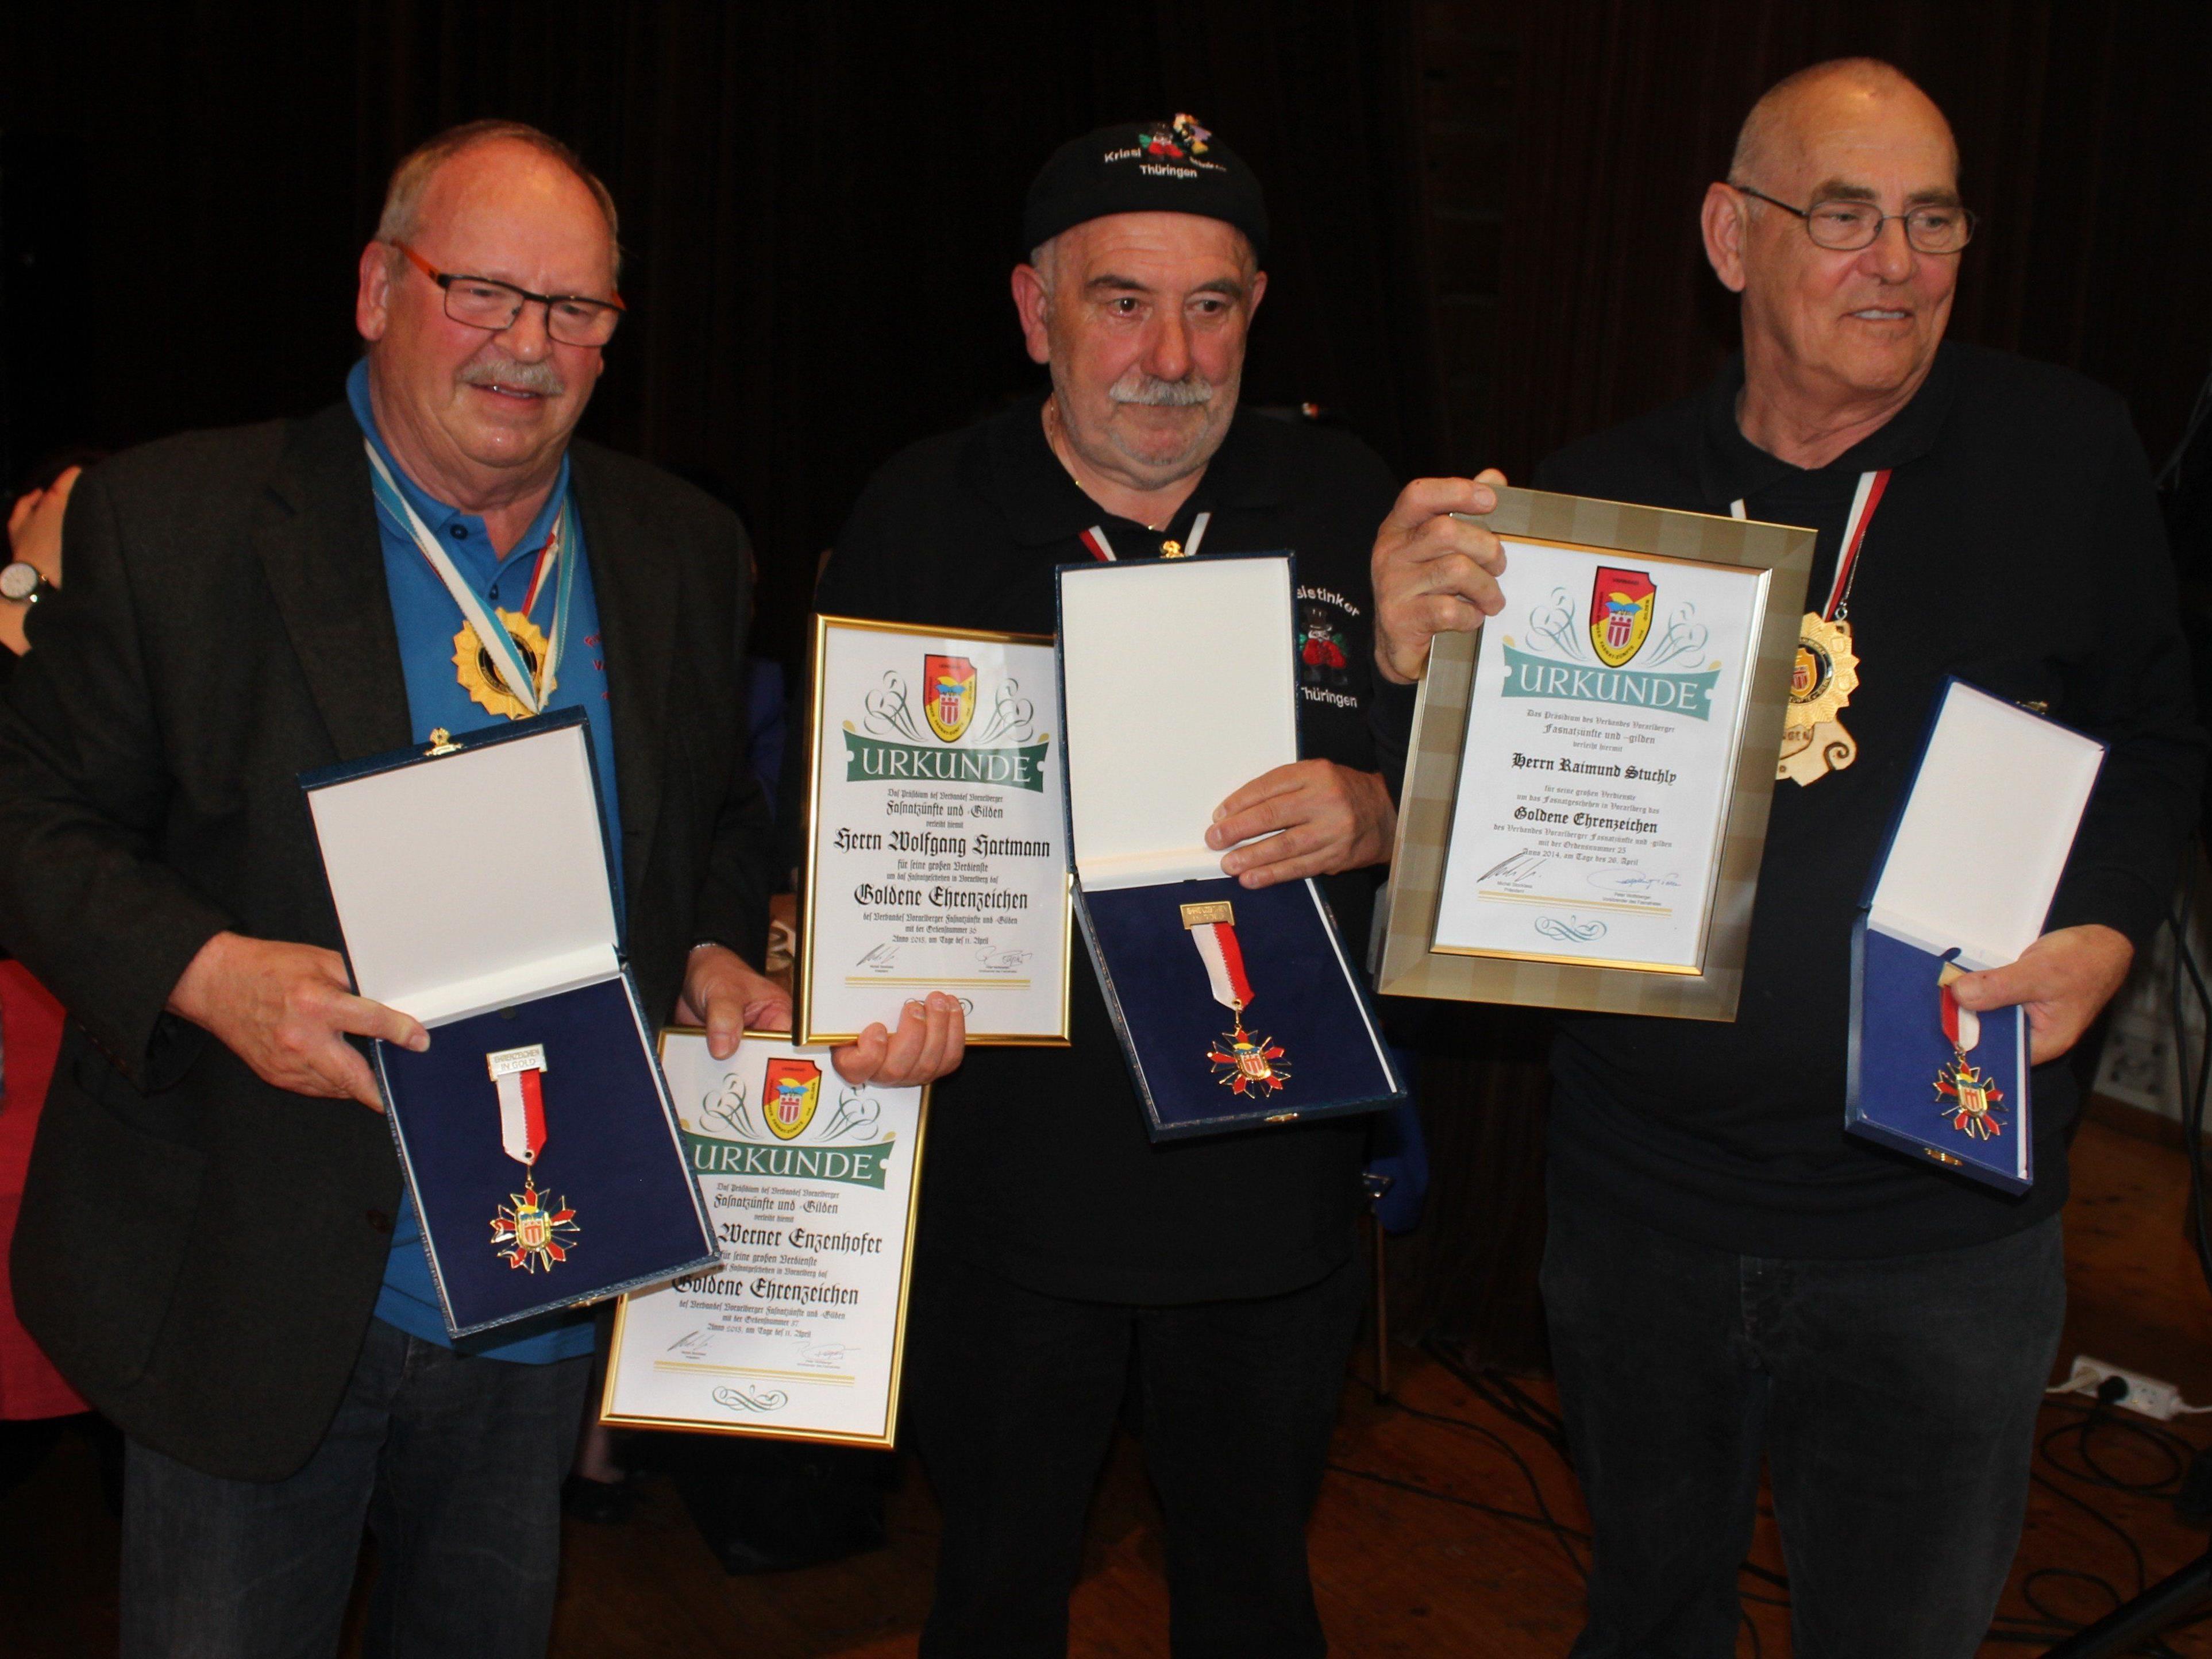 Hohe Auszeichnung für Werner Enzenhofer, Wolfi Hartmann und Raimund Stuchly